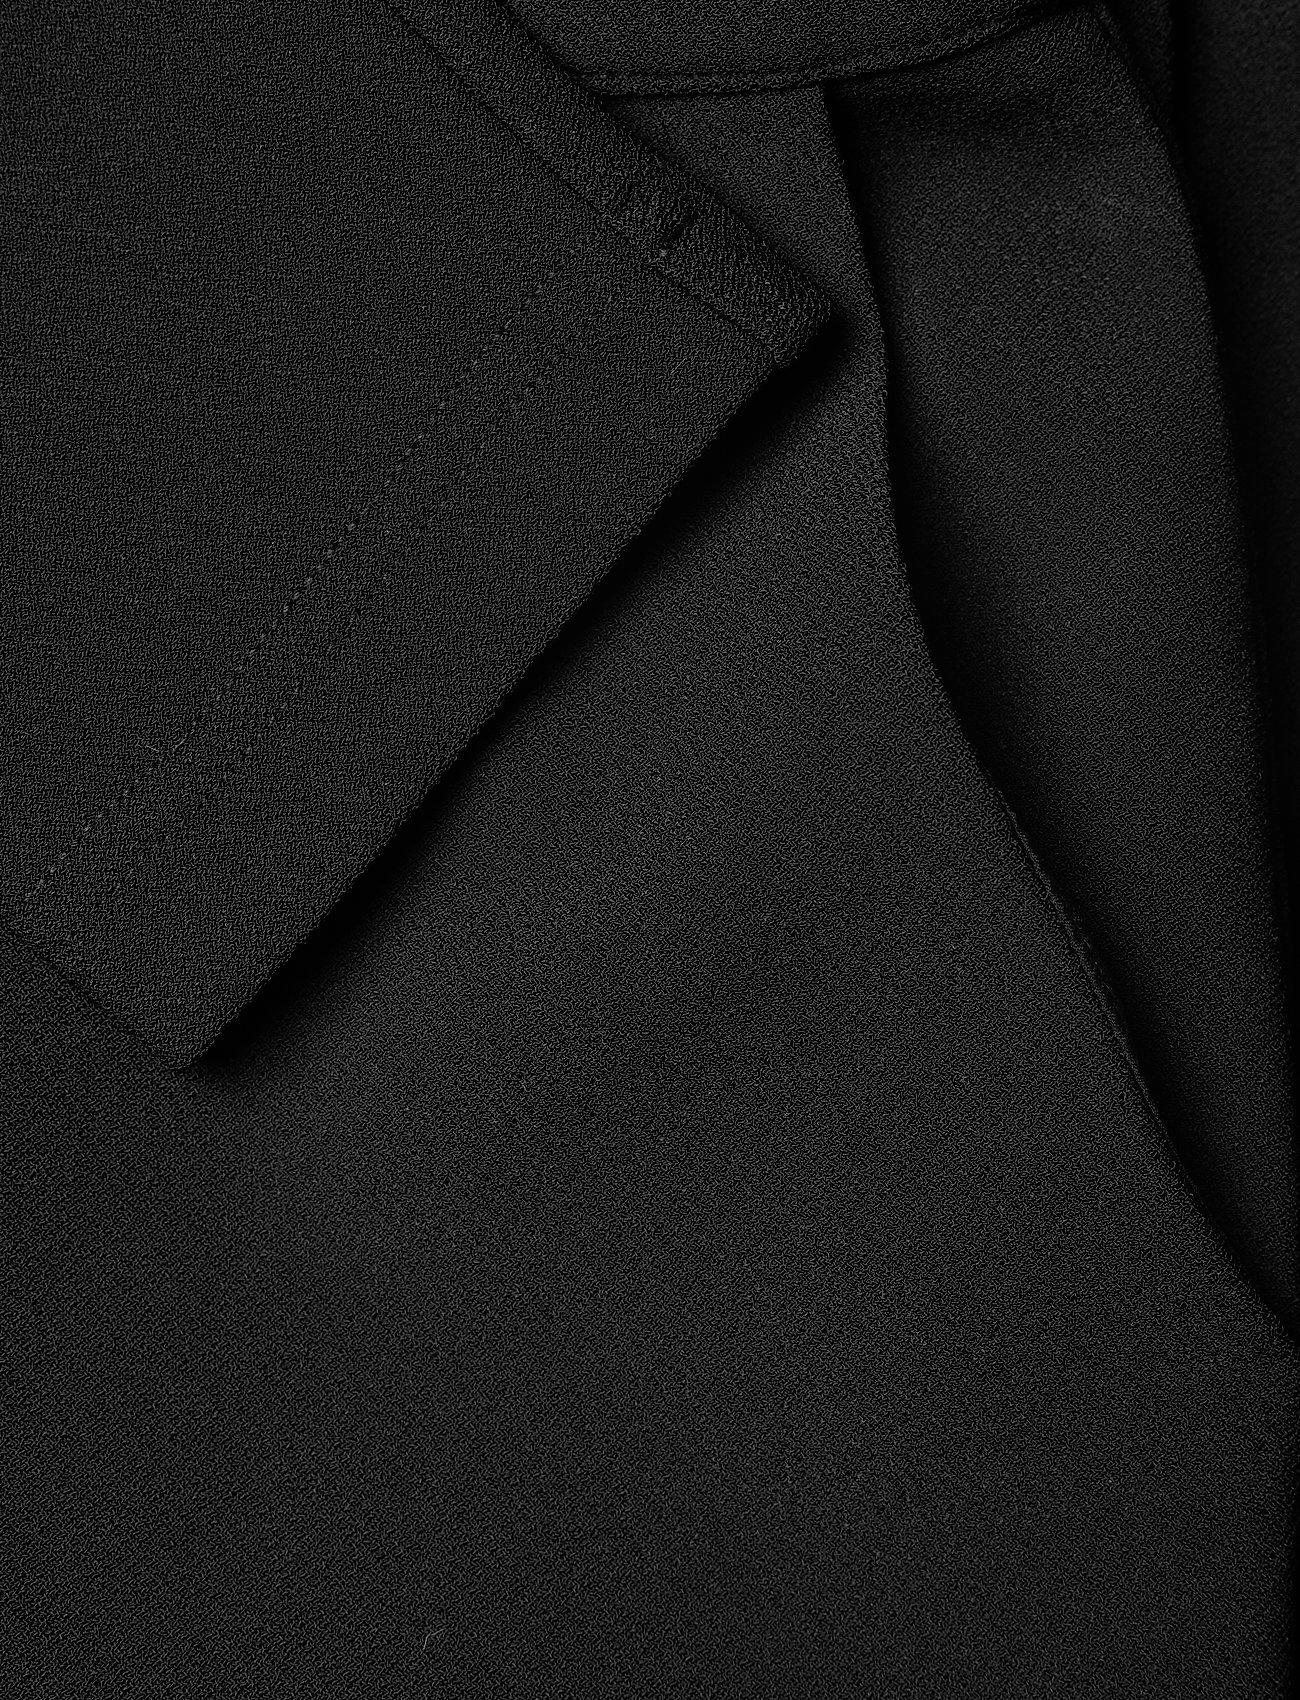 Edrik Jumpsuit (Noir De Jais) (155.40 €) - Marciano by GUESS 40arA